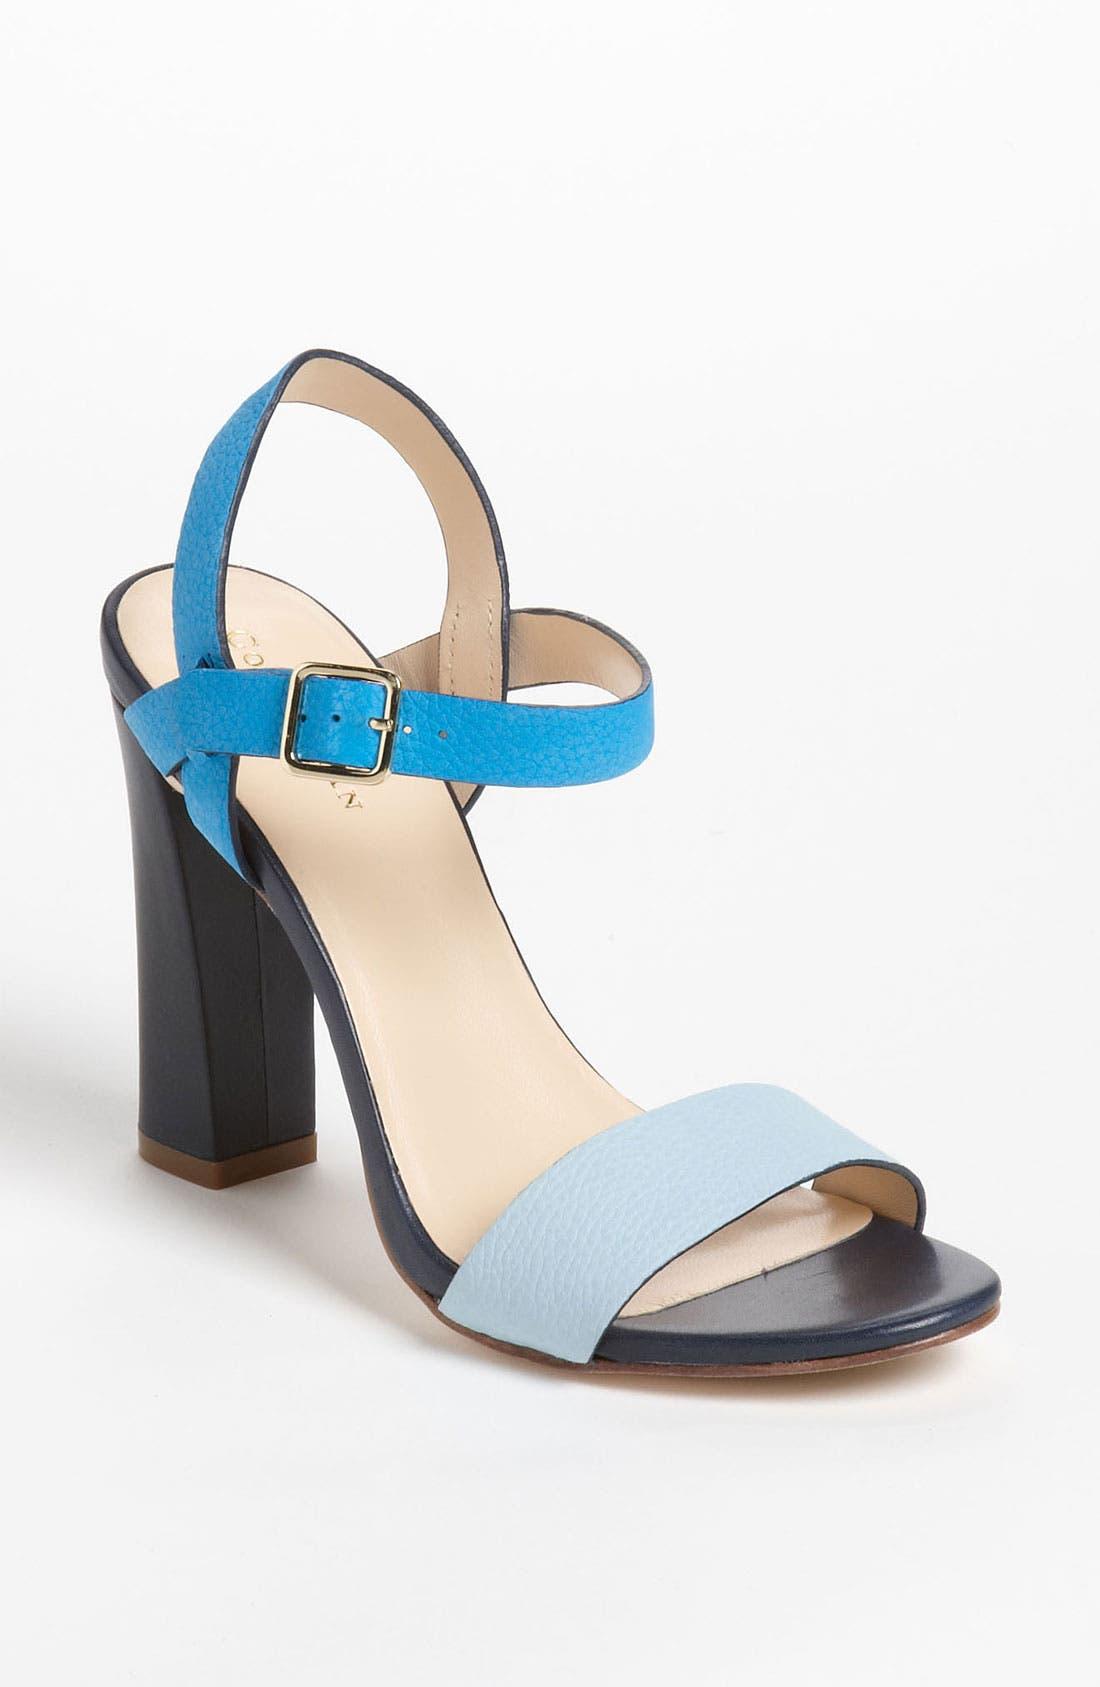 Main Image - Cole Haan 'Minetta' Sandal